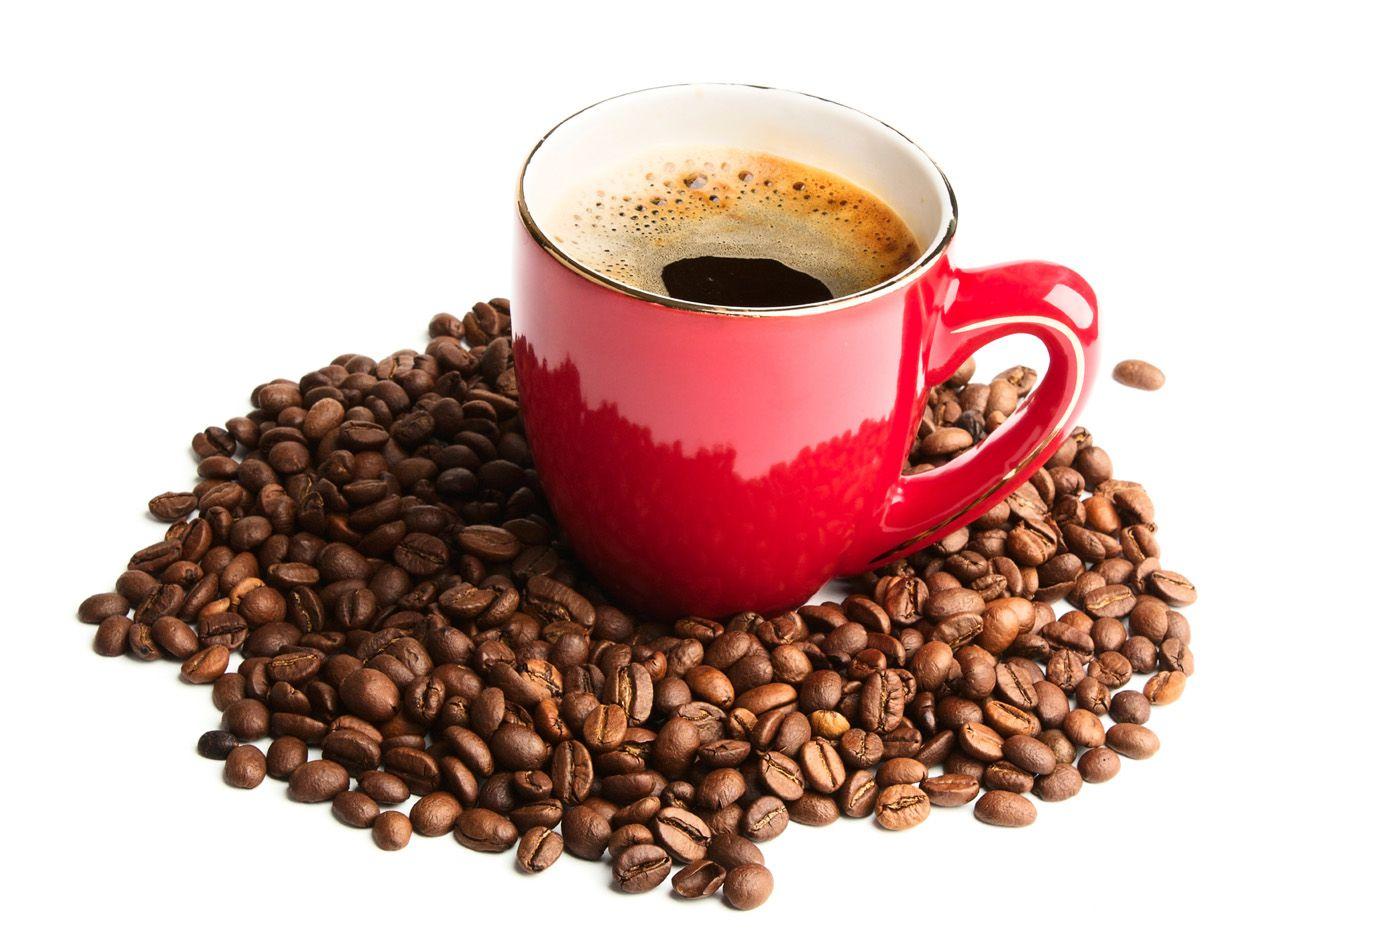 د وليد أبودهن شرب القهوة أضرارها ومنافعها مجلة الجرس